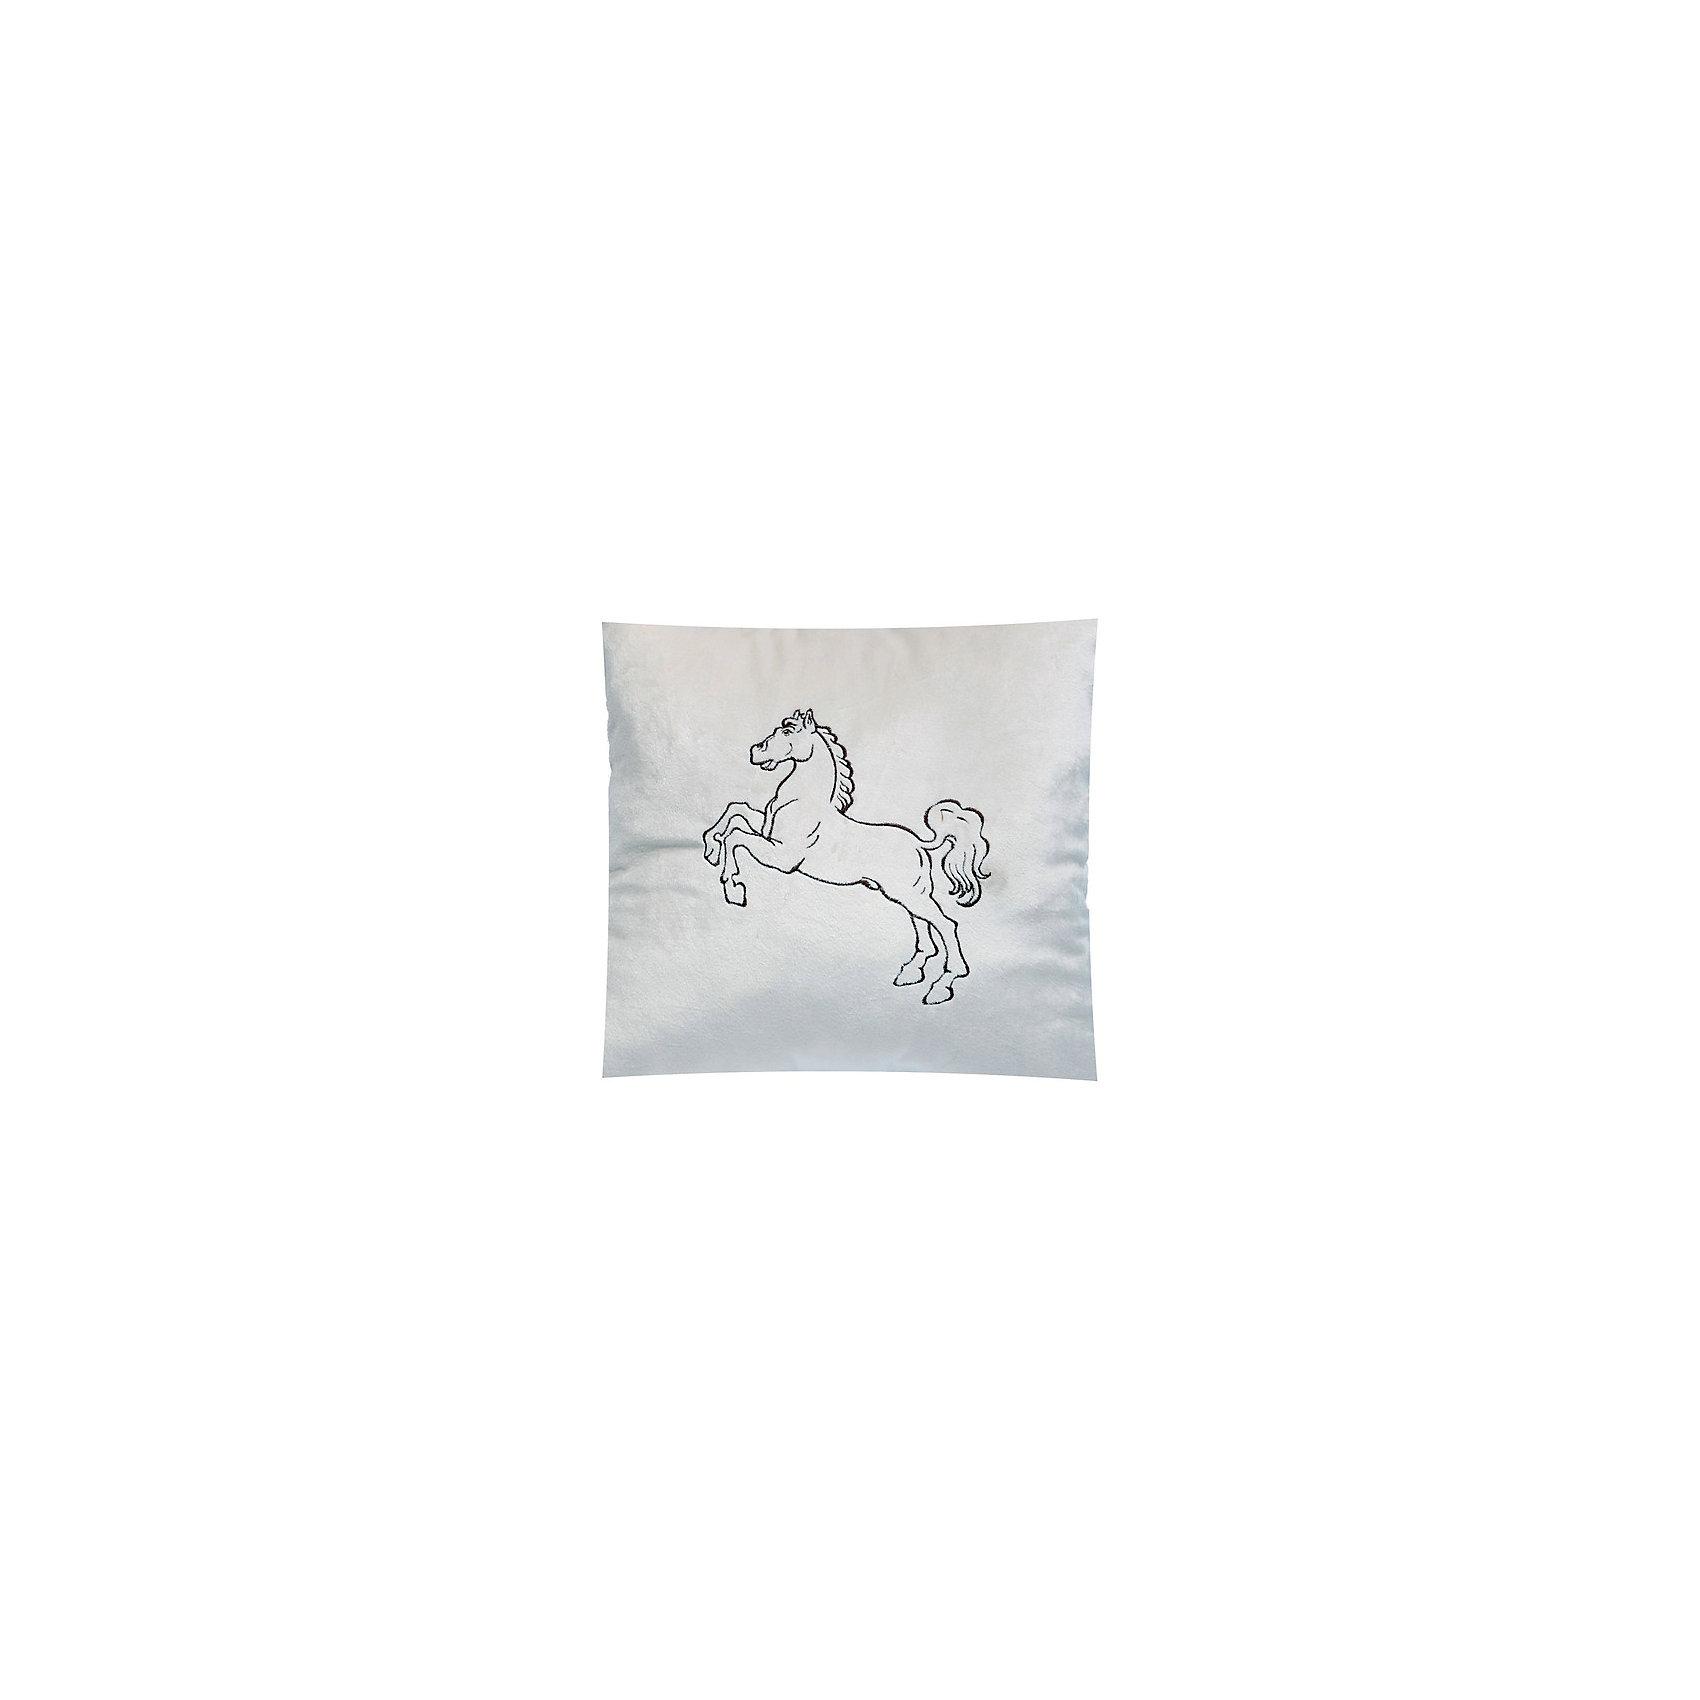 Декоративная подушка Лошадь арт. 1845, Small Toys, молочныйДомашний текстиль<br>Характеристики товара:<br><br>• цвет: молочный<br>• материал: текстиль, наполнитель<br>• размер: 31х31 см<br>• фактура: короткий искусственный мех<br>• украшена изображением лошади<br>• декоративная<br>• страна бренда: Российская Федерация<br>• страна производства: Российская Федерация<br><br>Красивая и качественная подушка может отличным подарком ребенку или взрослому. Она декорирована изображением лошади - а кто не любит этих благородных животных?! Подушка сделана из приятного на ощупь материала и мягкого наполнителя.<br>Такое изделие будет отлично смотреться в интерьерах разных стилей, добавляя в комнату уюта. Она выполнена в приятной расцветке. Швы хорошо проработаны. Изделие произведено из сертифицированных материалов, безопасных для детей.<br><br>Декоративную подушку Лошадь арт. 1845 от бренда Small Toys можно купить в нашем интернет-магазине.<br><br>Ширина мм: 160<br>Глубина мм: 350<br>Высота мм: 350<br>Вес г: 430<br>Возраст от месяцев: 36<br>Возраст до месяцев: 72<br>Пол: Унисекс<br>Возраст: Детский<br>SKU: 5272897